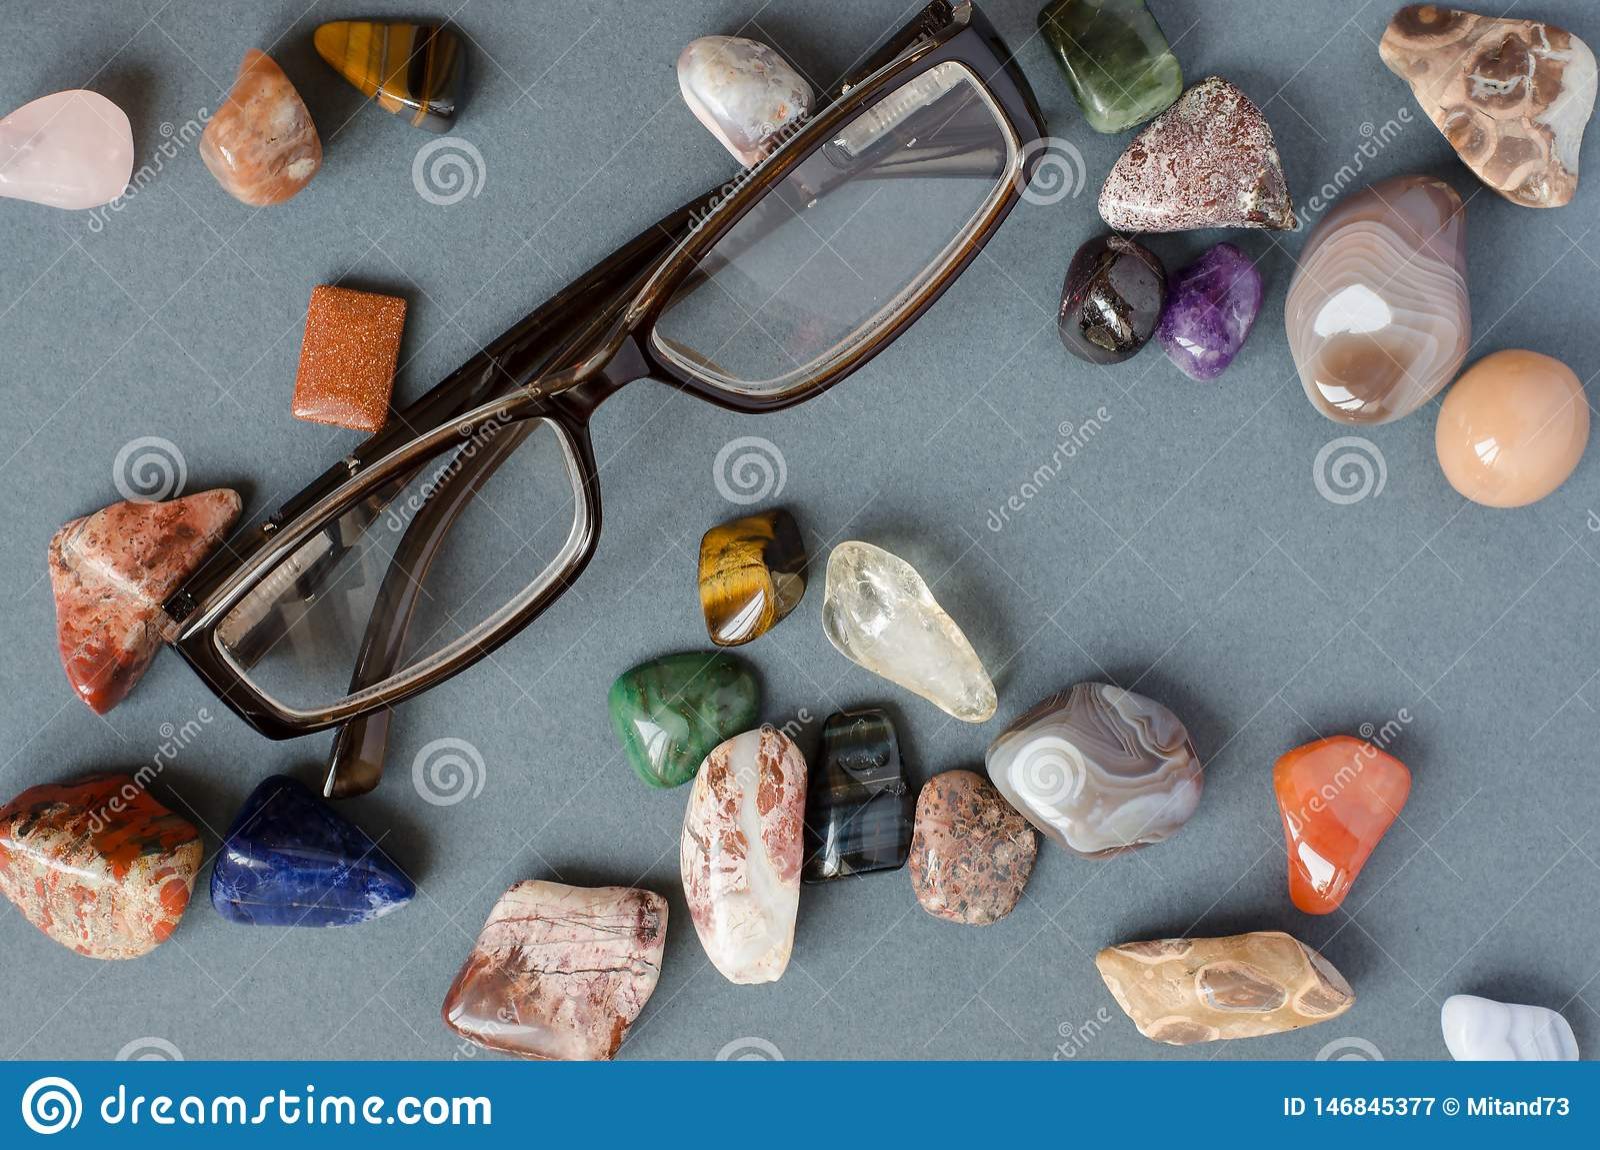 Sammlung Edelsteine auf einem grauen Hintergrund